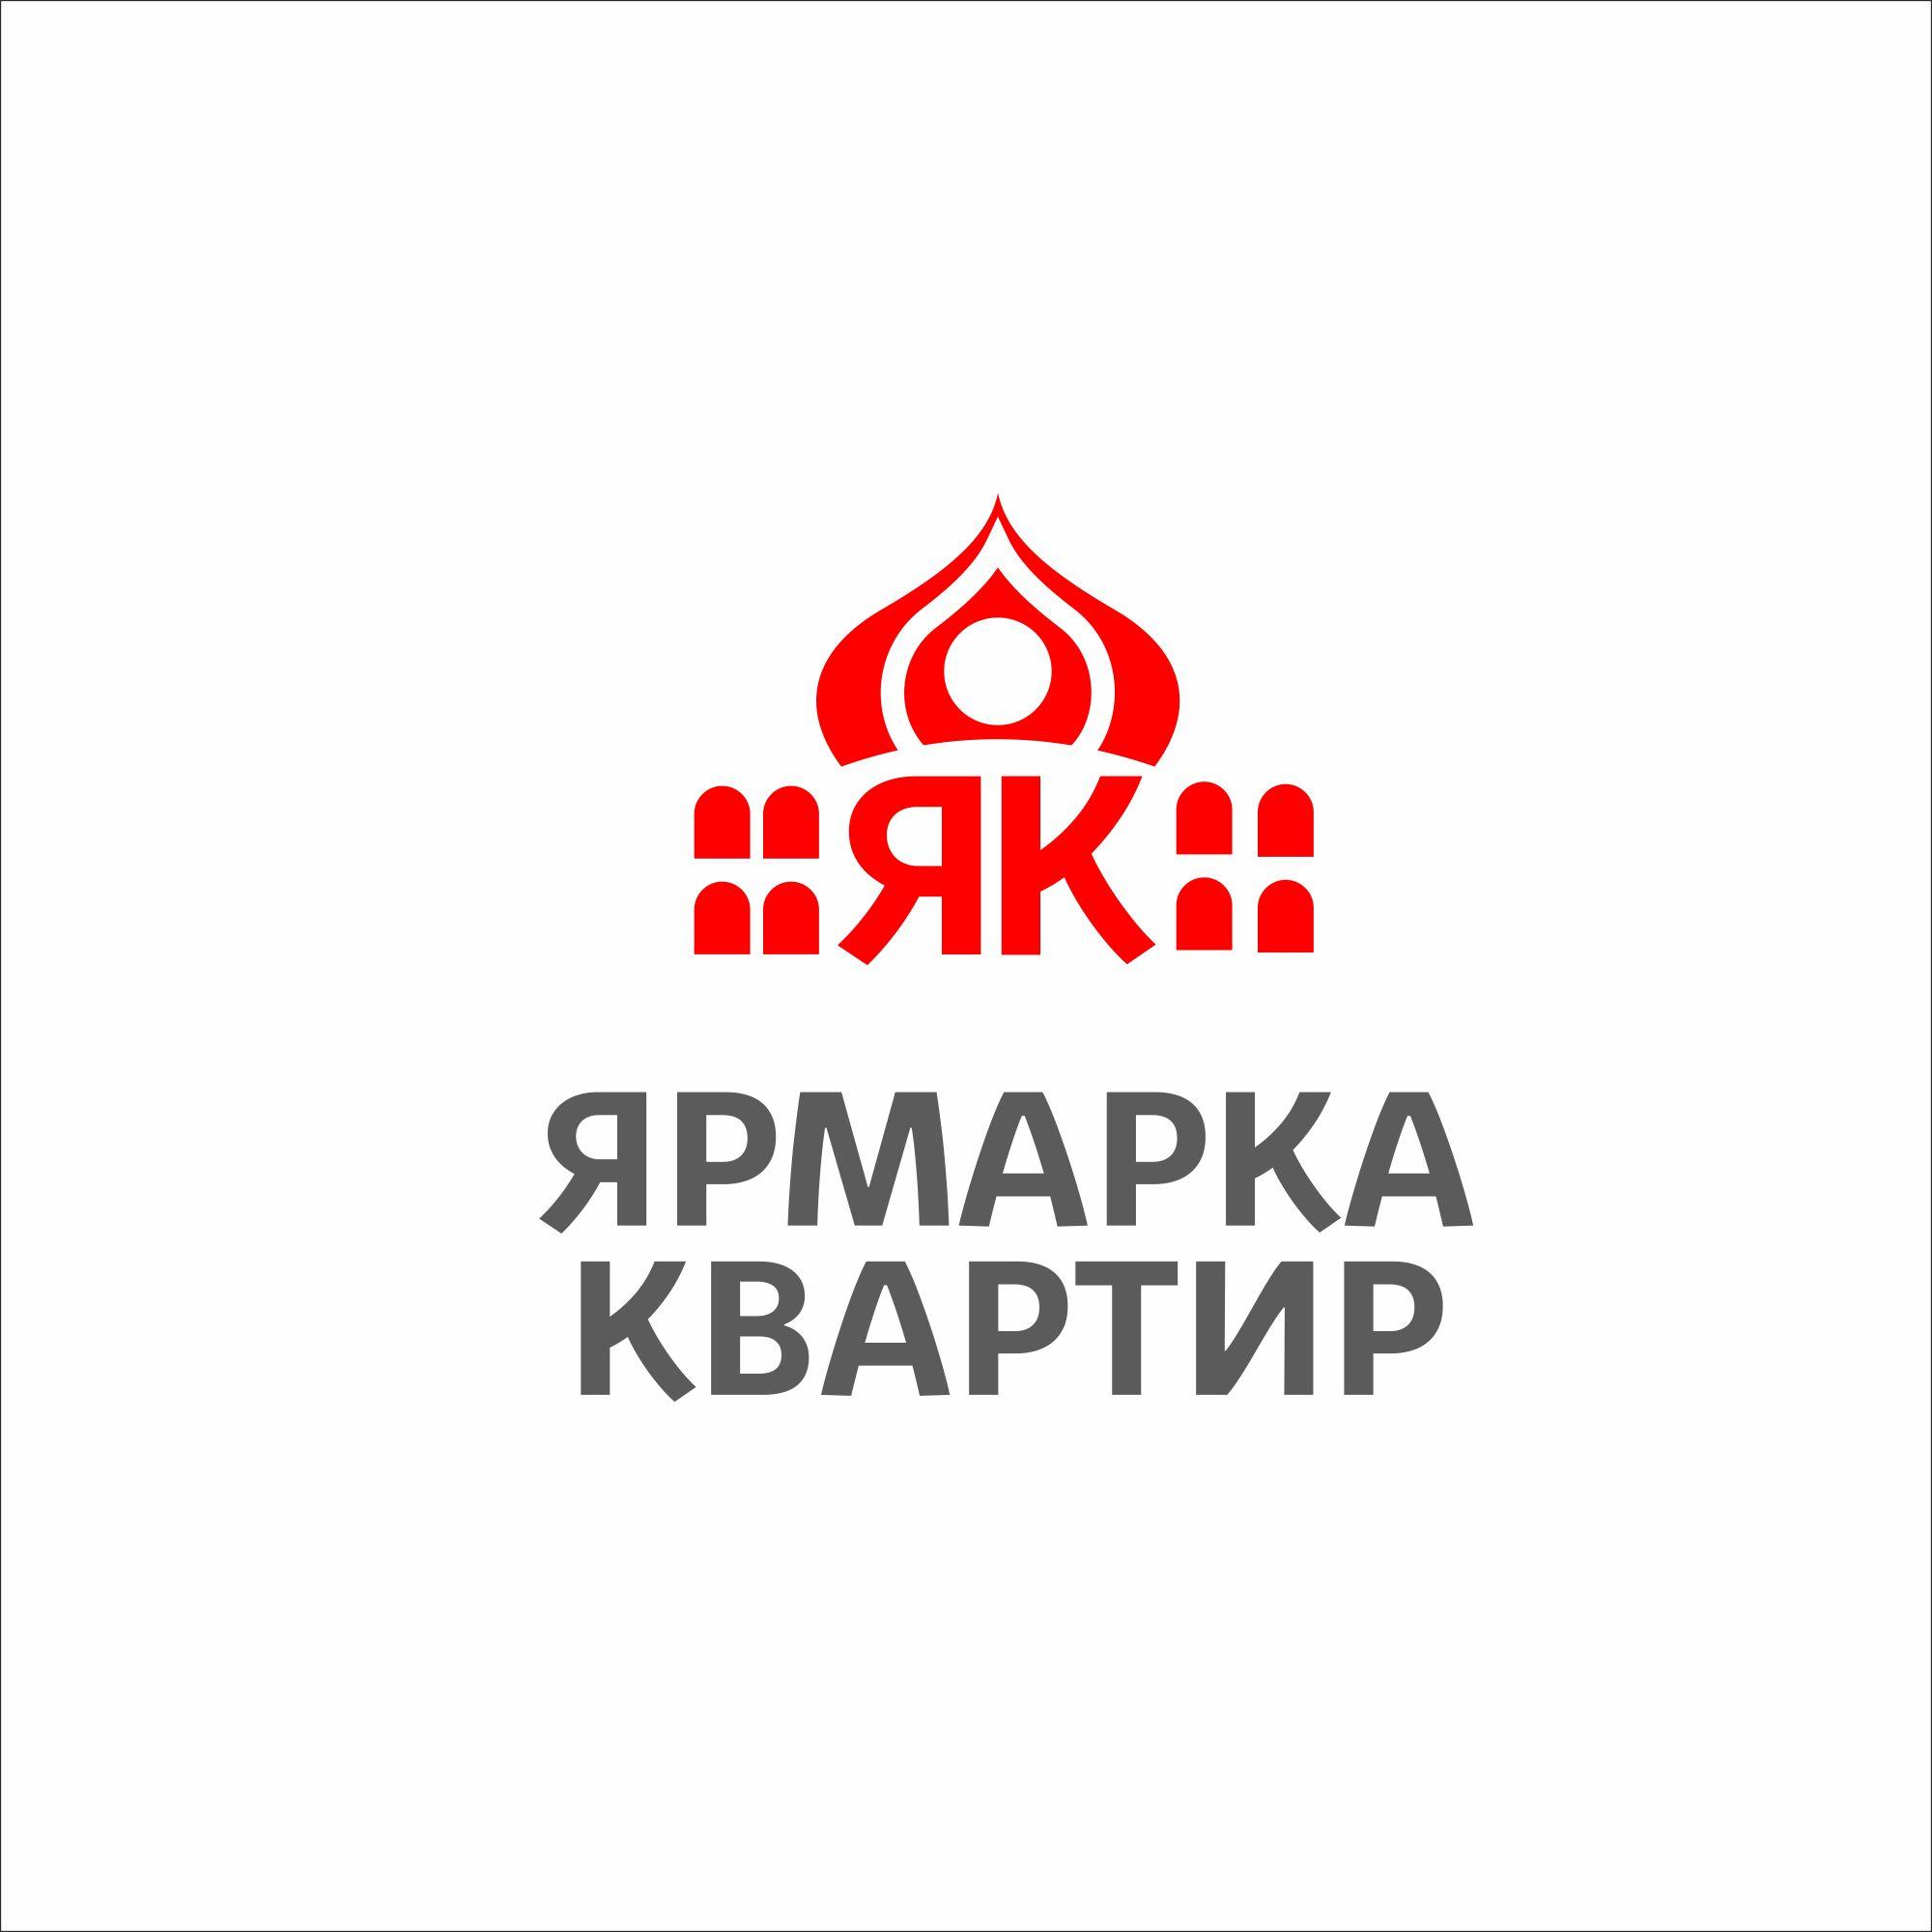 Создание логотипа, с вариантами для визитки и листовки фото f_3046004614a10ec0.jpg